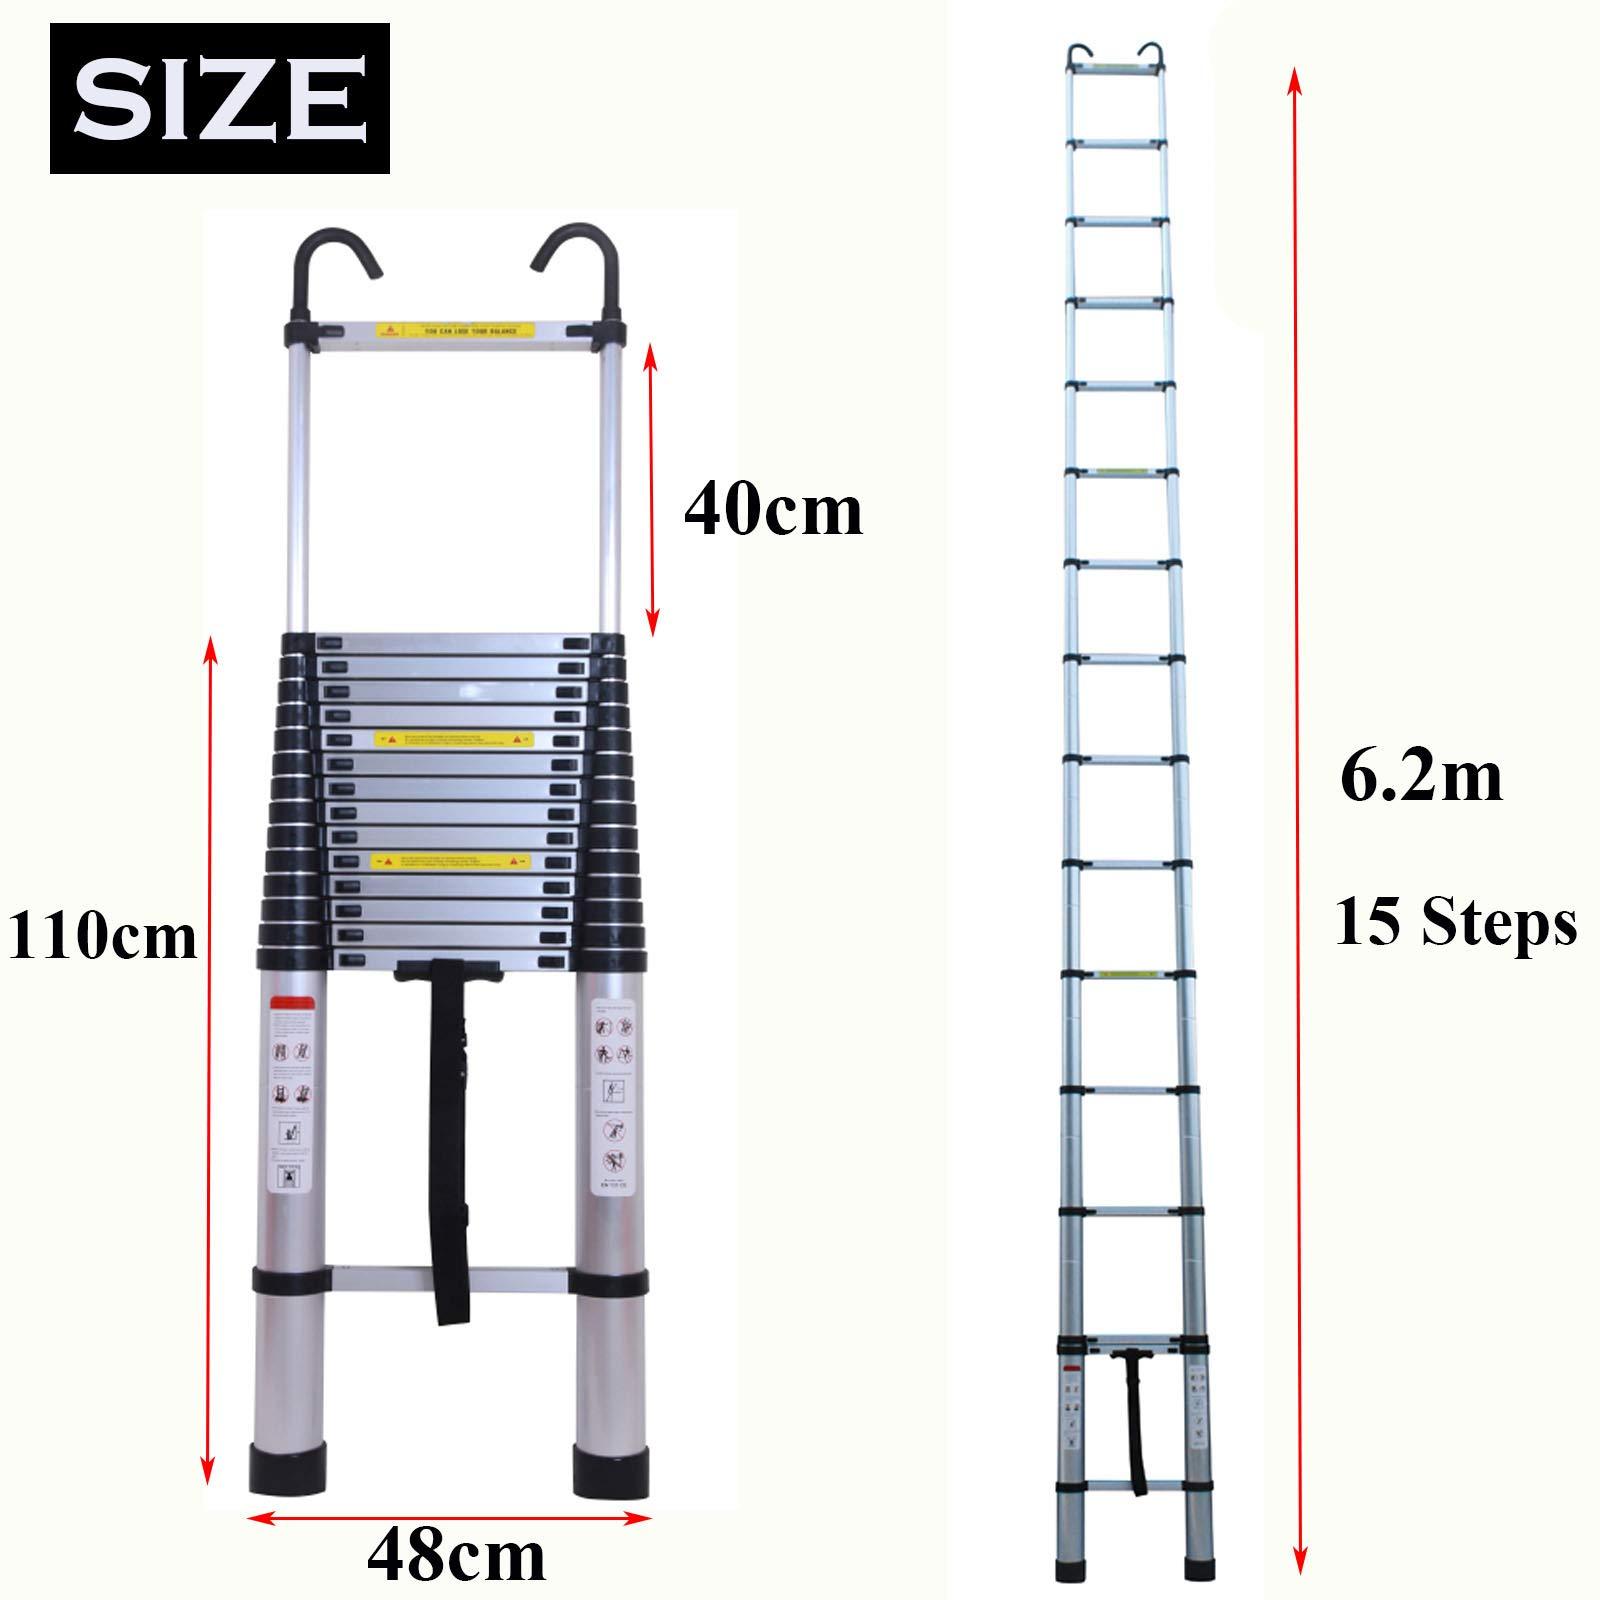 Autofather - Escalera telescópica de 6,2 m con gancho de seguridad desmontable, escalera telescópica de aluminio de extensión de escalera alta, multiusos, capacidad de 150 kg, segura y compacta: Amazon.es: Bricolaje y herramientas